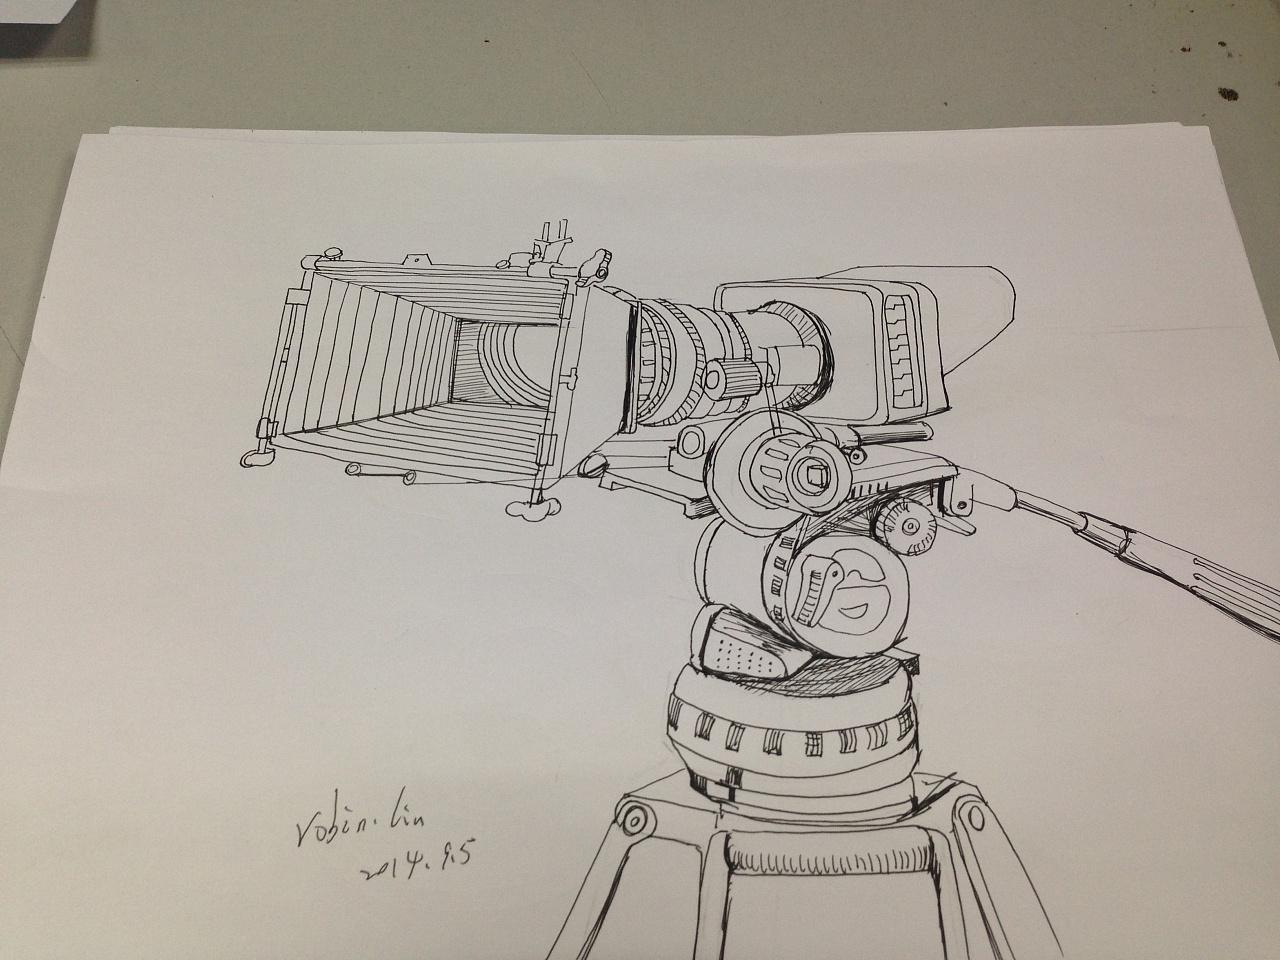 手绘|工业/产品|工业用品/机械|liubingyy - 原创作品